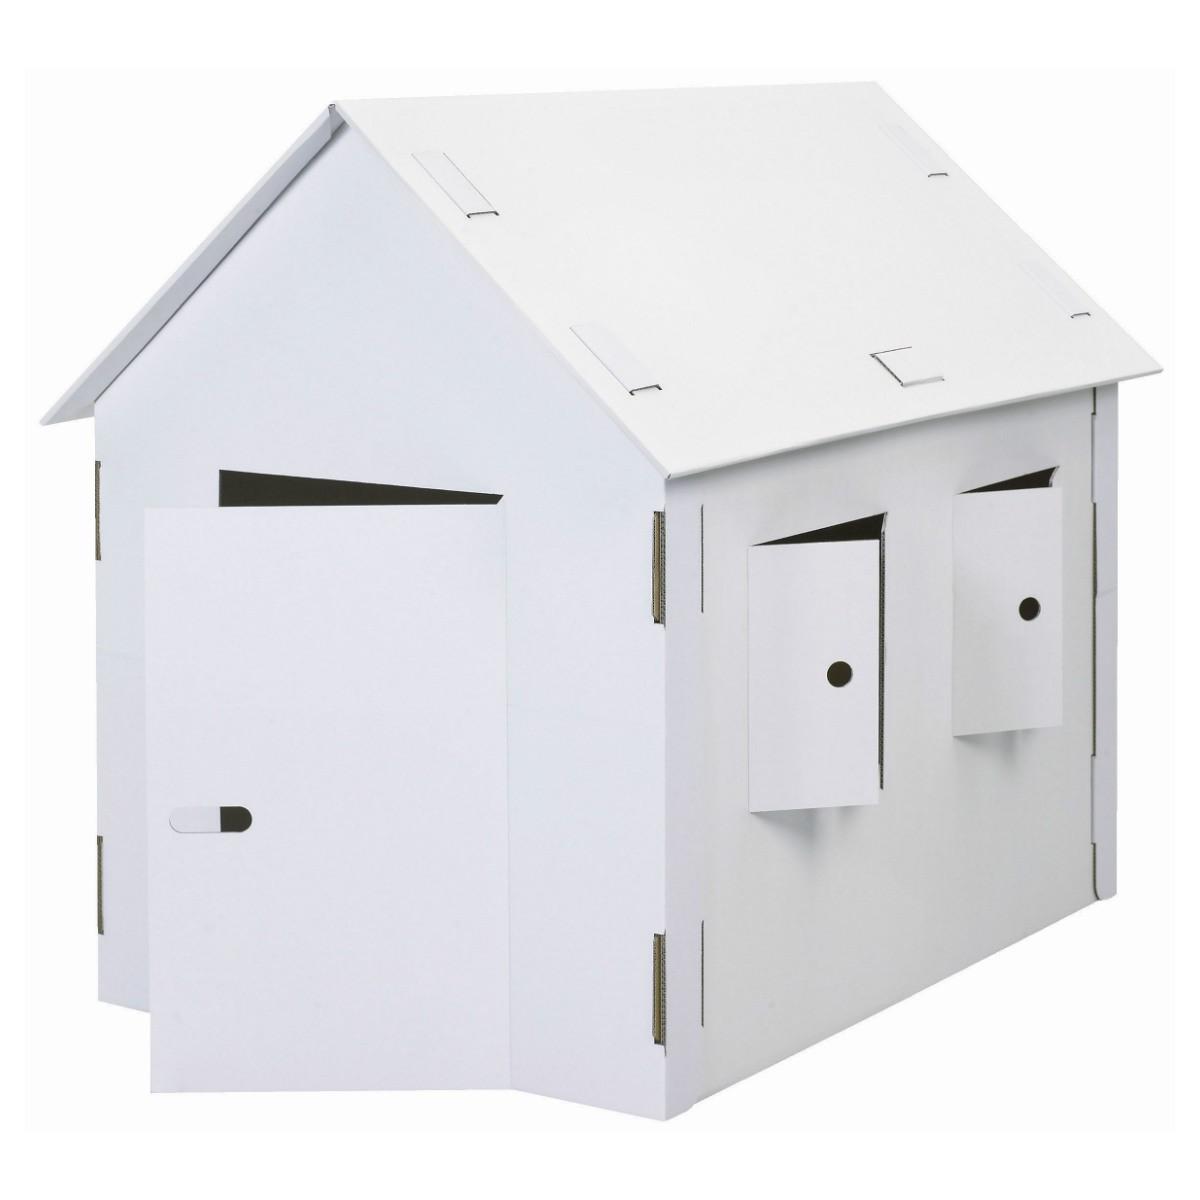 Spielhaus aus Pappe - Pappspielhaus groß, 120cm hoch, blanko weiß zum Bemalen